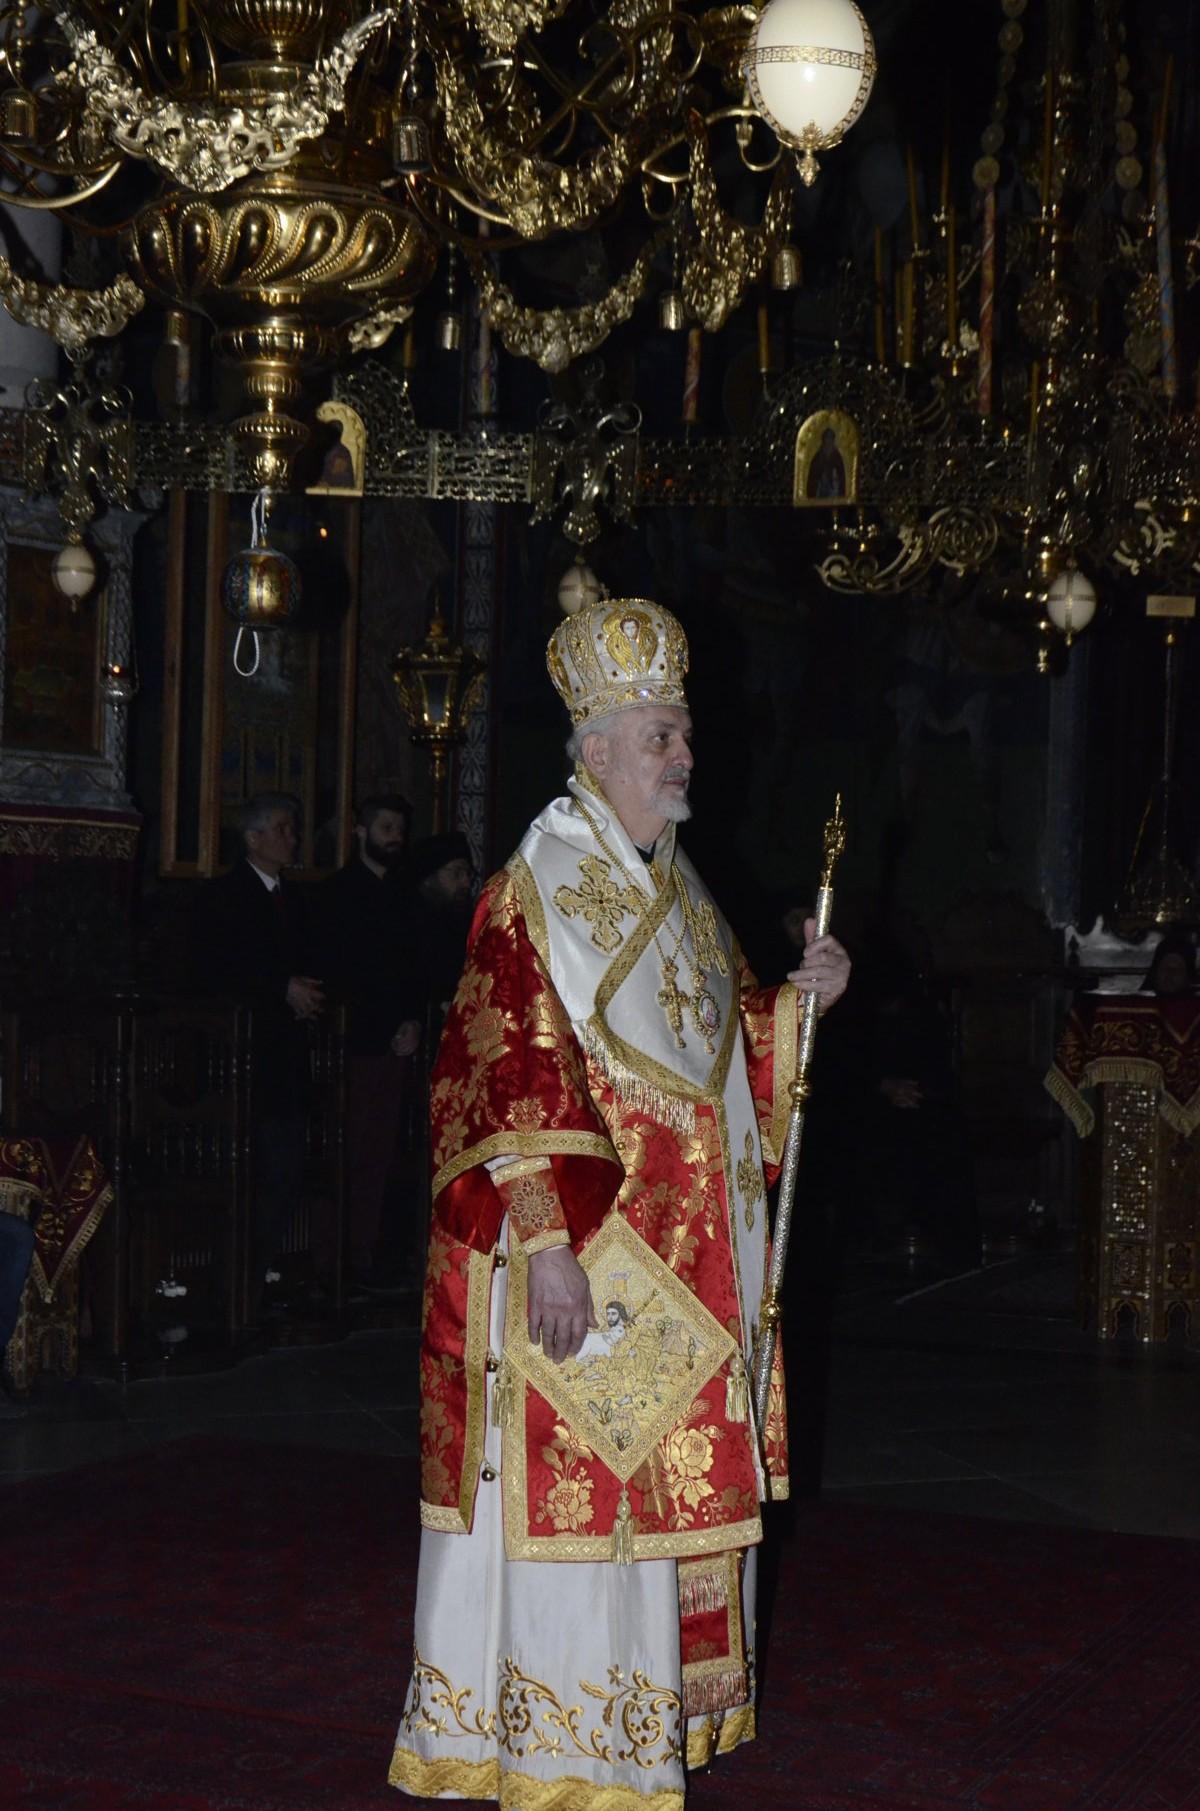 Su eminencia Emmanuel con los paramentos litúrgicos de la ordenación